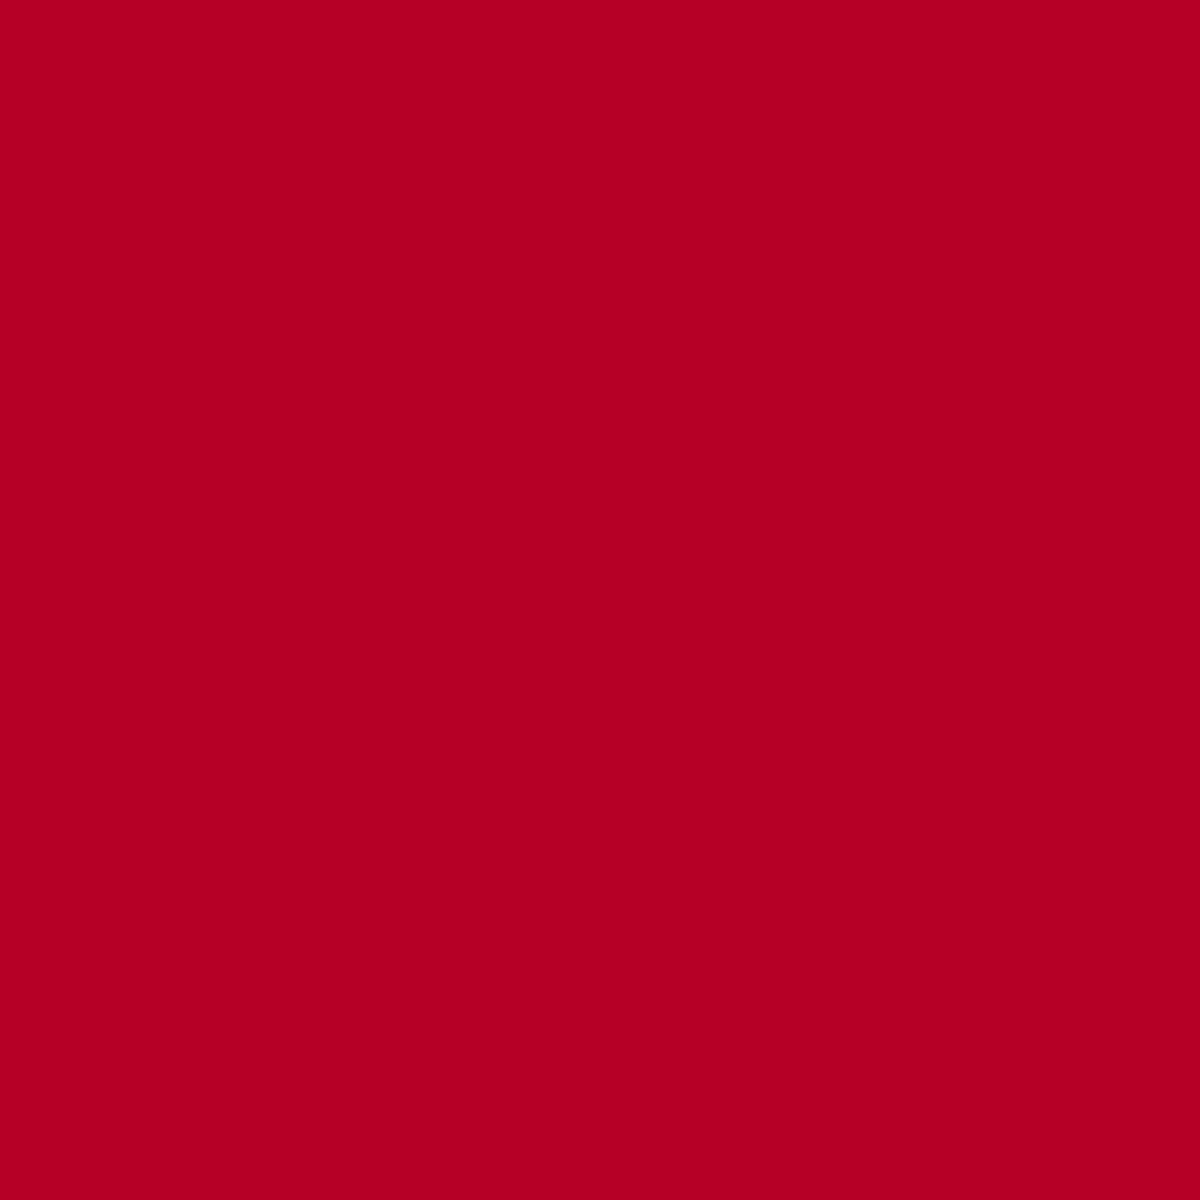 700 700 700 Faltkarten Din Lang - Hellgrau - Premium Qualität - 10,5 x 21 cm - Sehr formstabil - für Drucker Geeignet  - Qualitätsmarke  NEUSER FarbenFroh B012B4SMZC Kartenkartons Abgabepreis 01a906